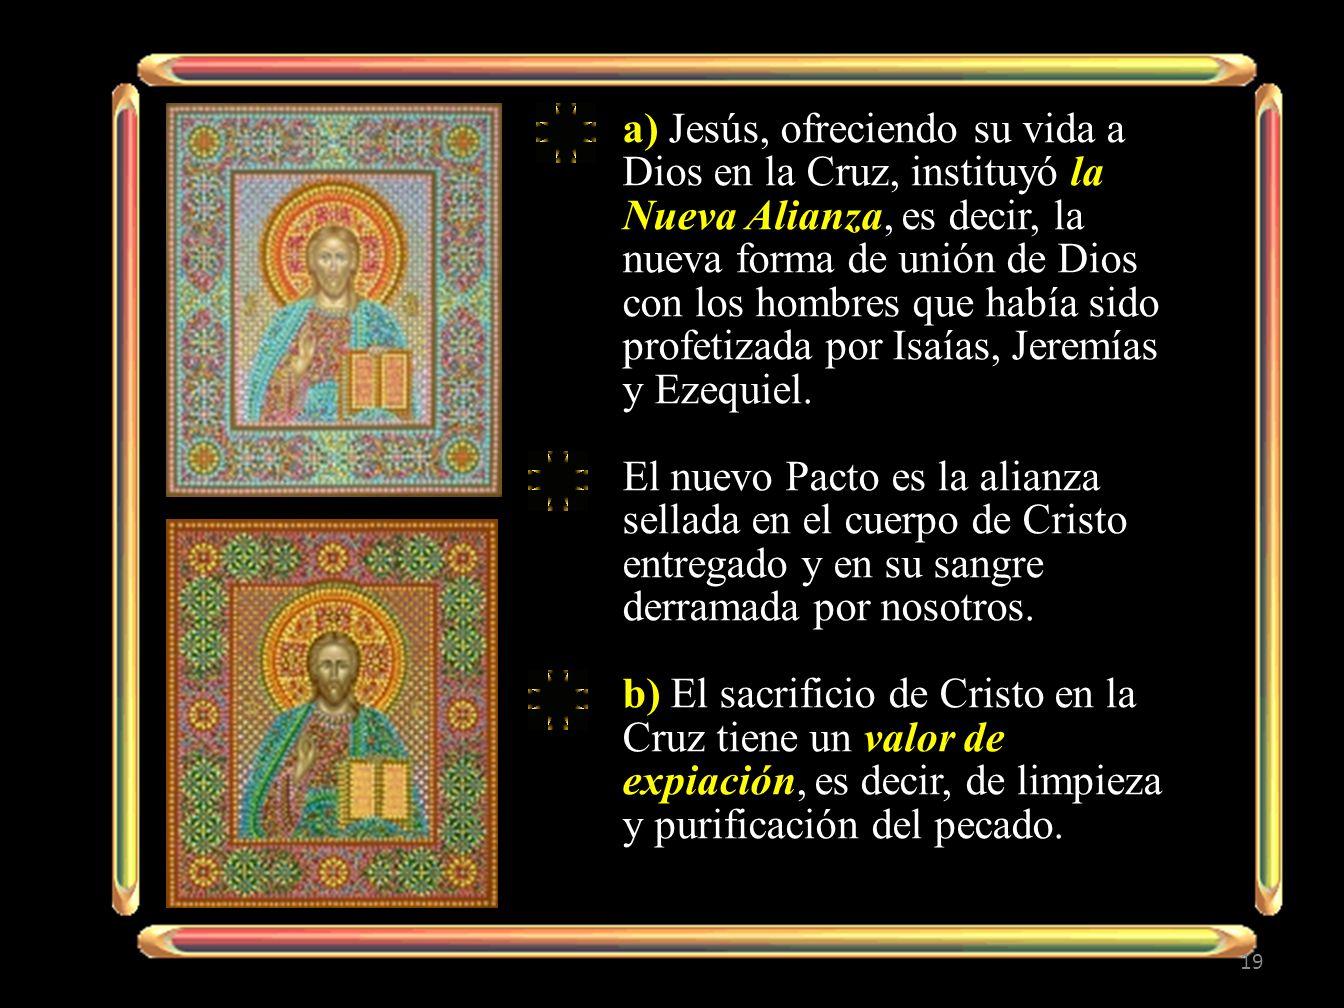 19 a) Jesús, ofreciendo su vida a Dios en la Cruz, instituyó la Nueva Alianza, es decir, la nueva forma de unión de Dios con los hombres que había sid